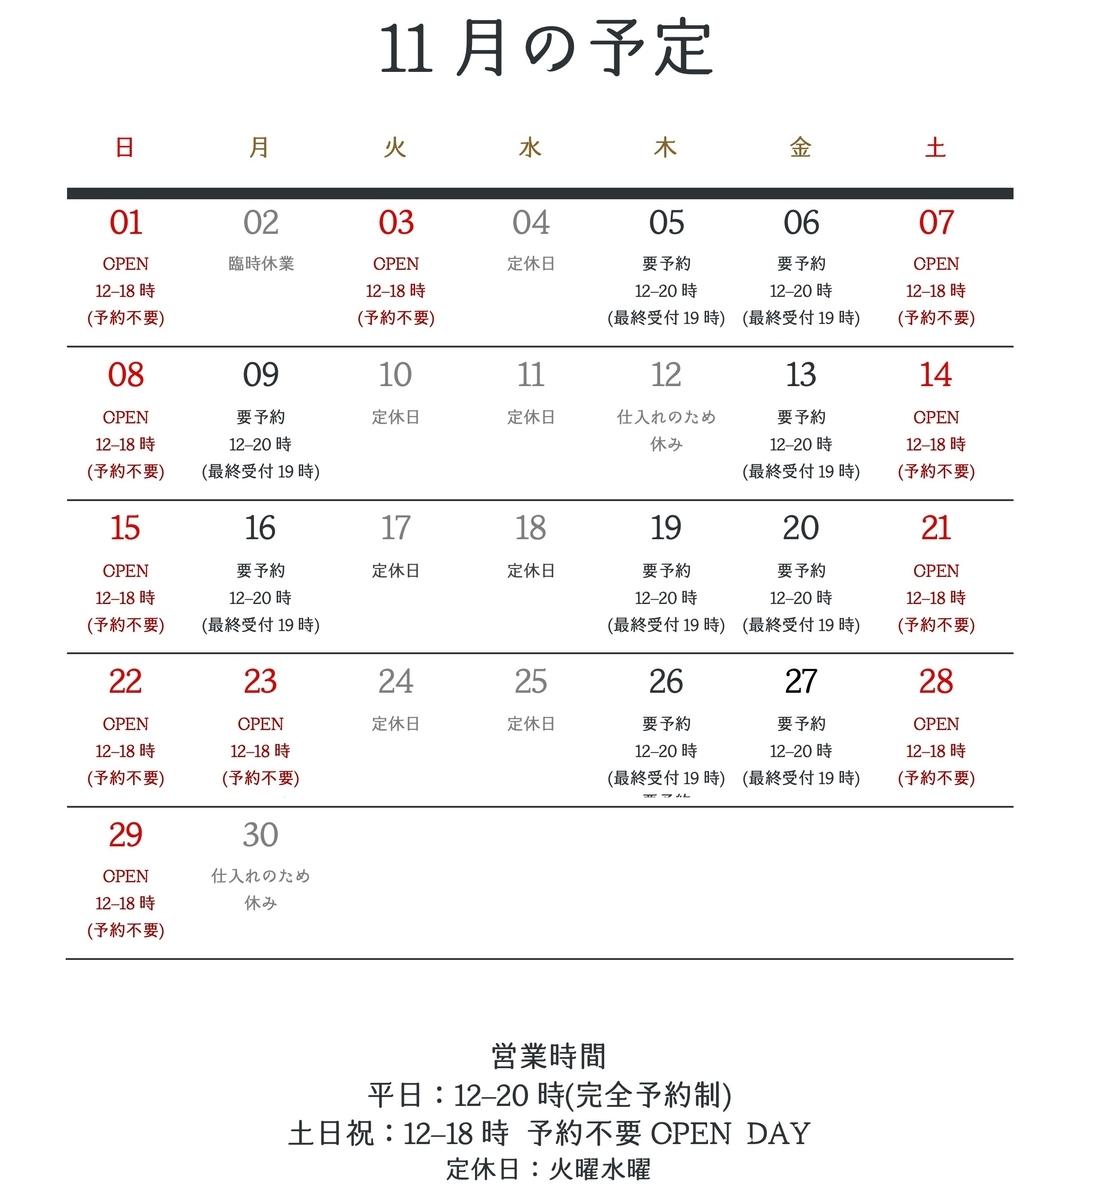 f:id:wing_kimoo:20201029121047j:plain